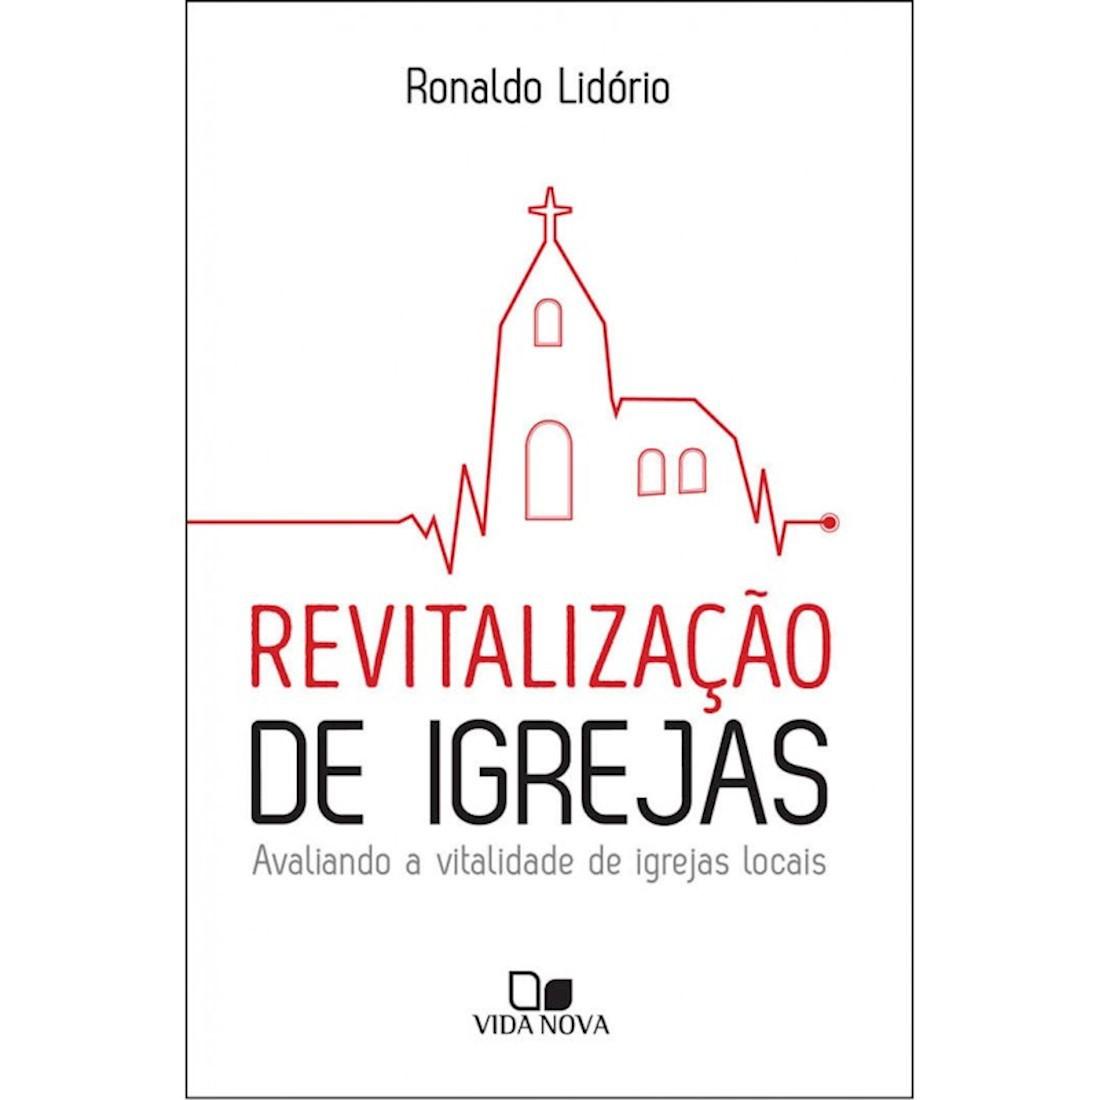 Livro Revitalização de Igrejas